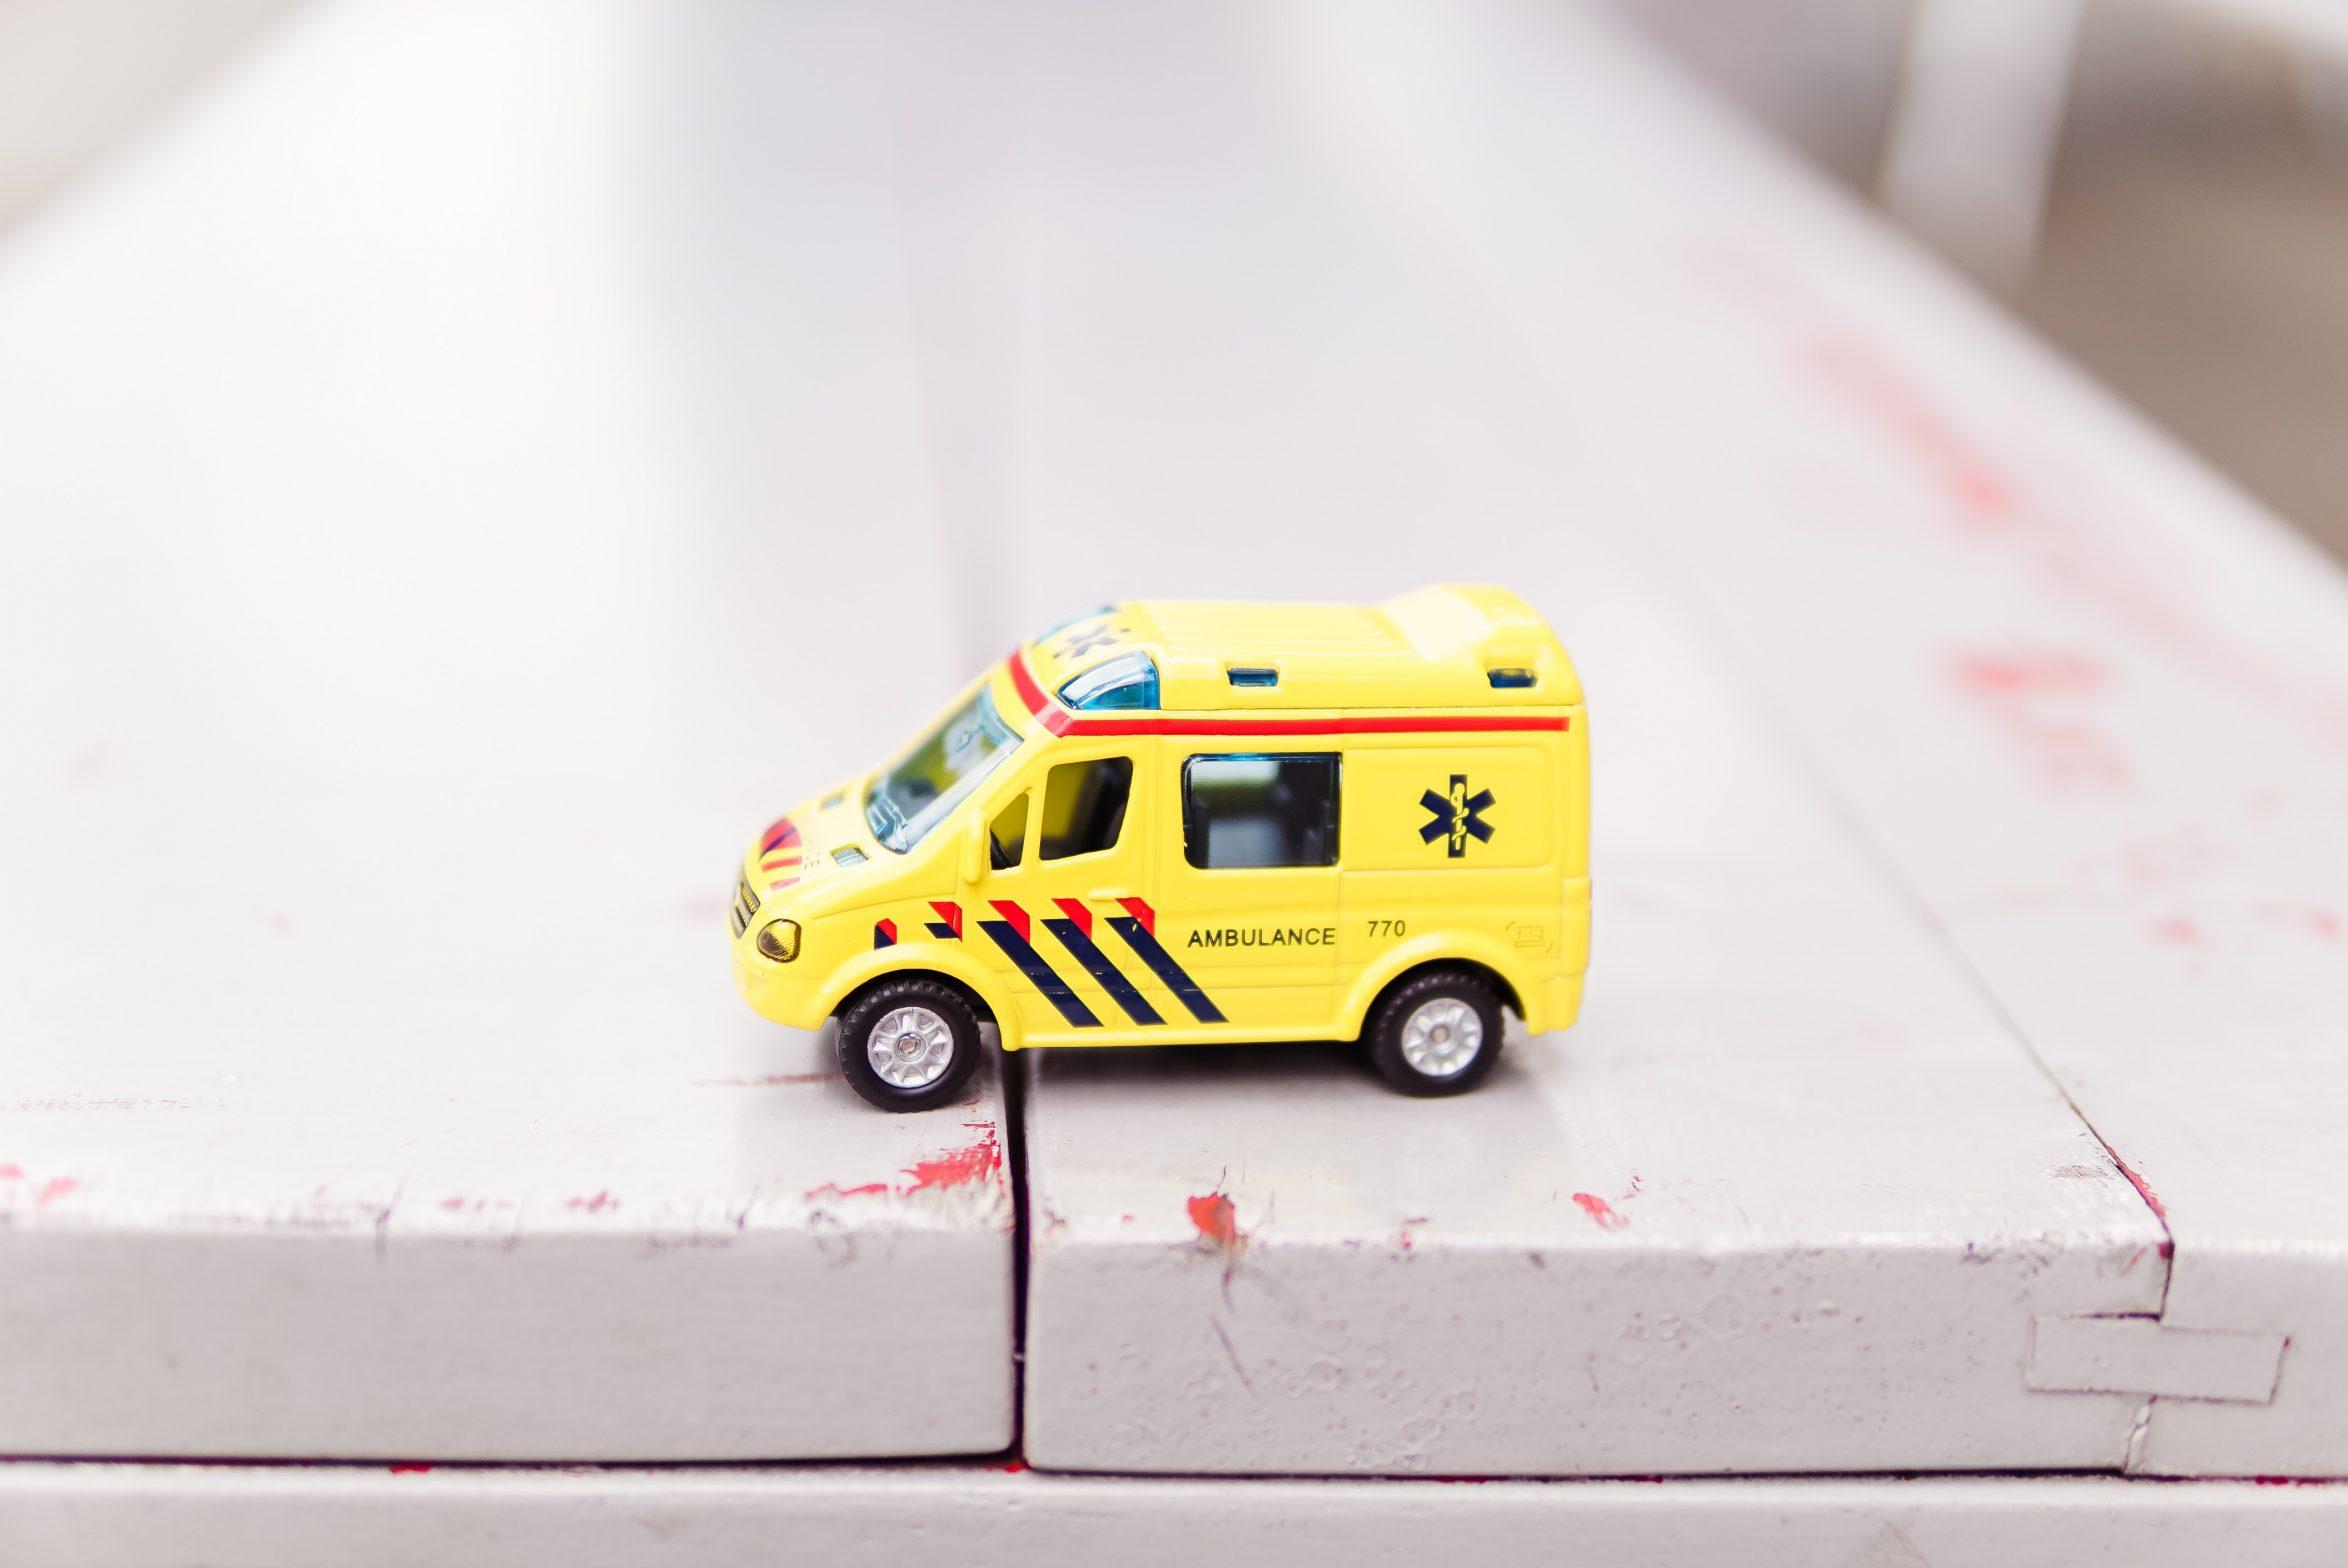 Krankenwagen.